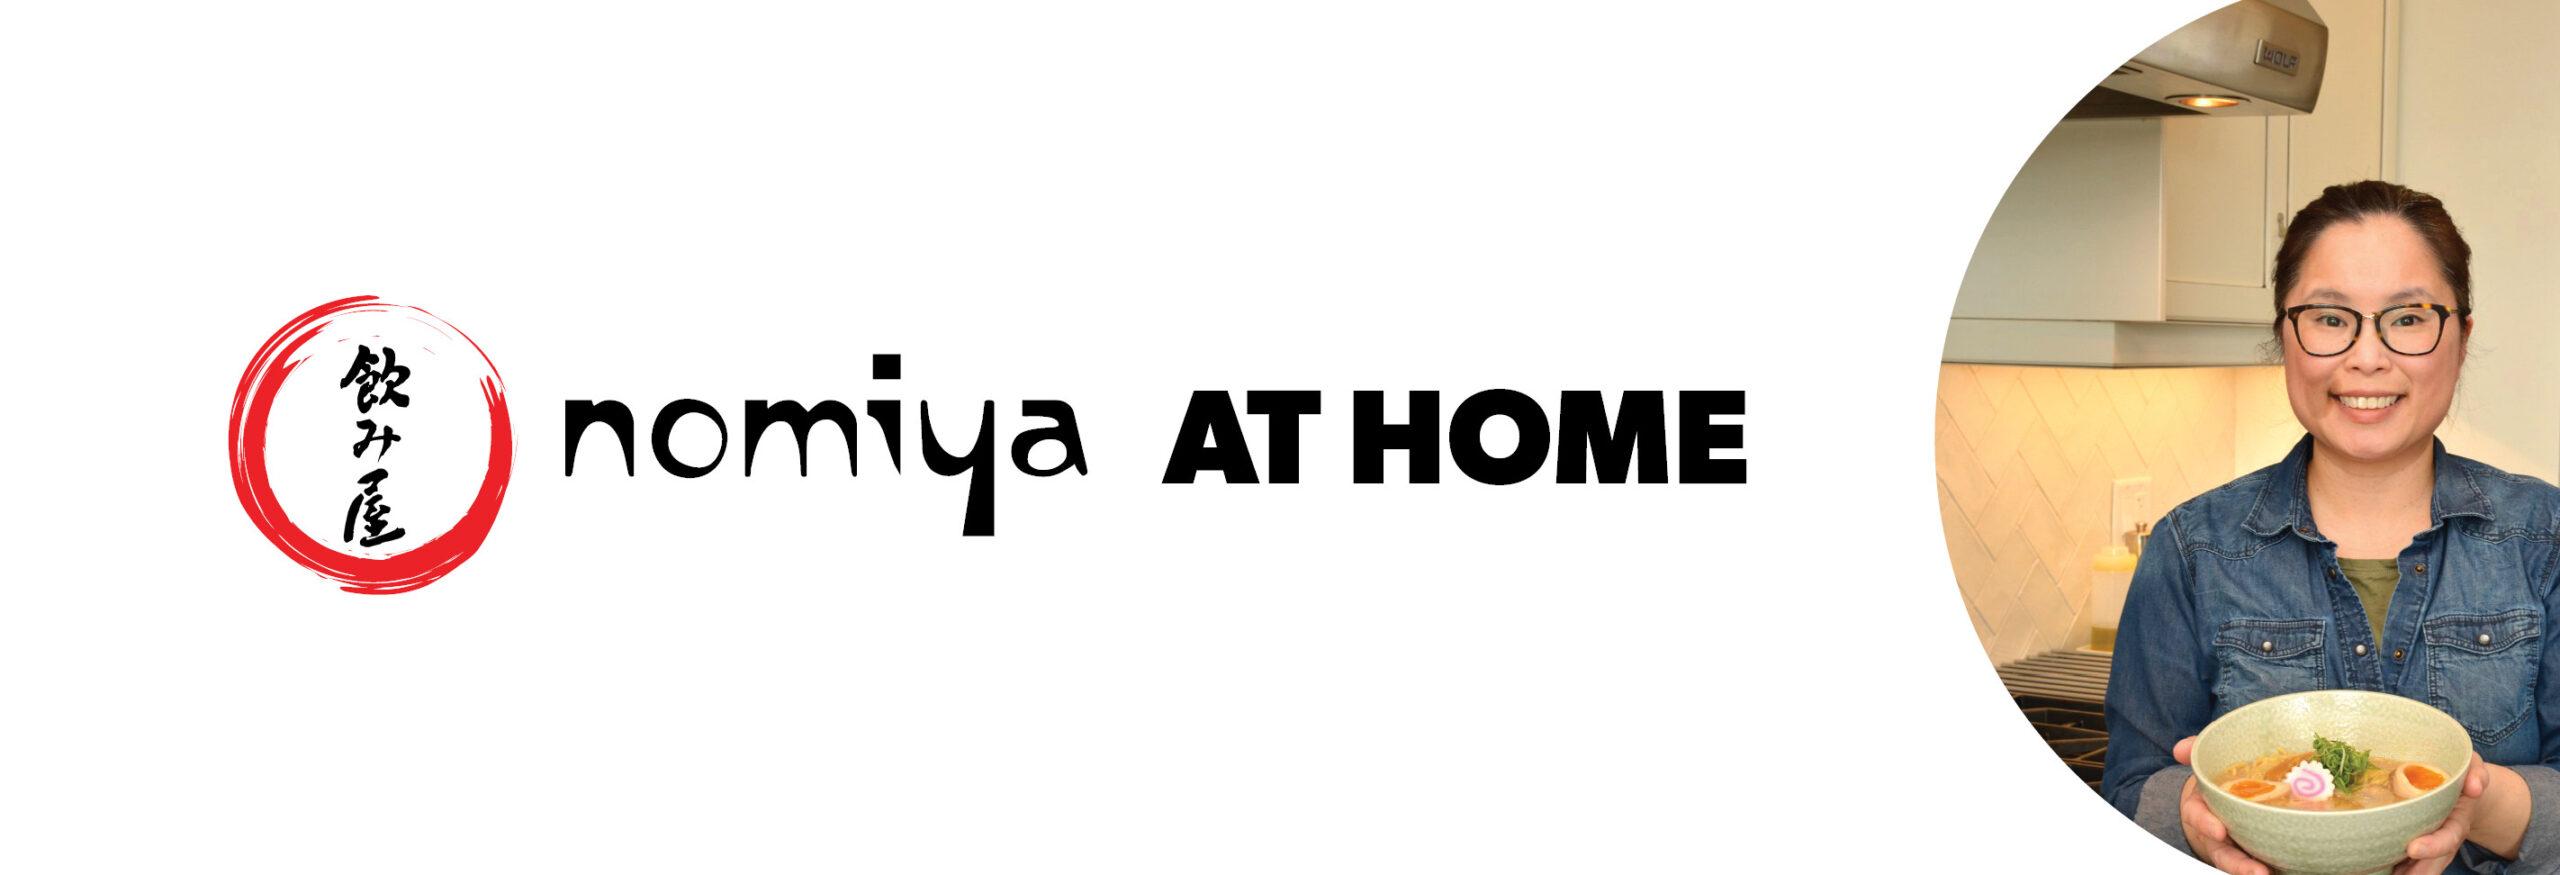 nomiya at home